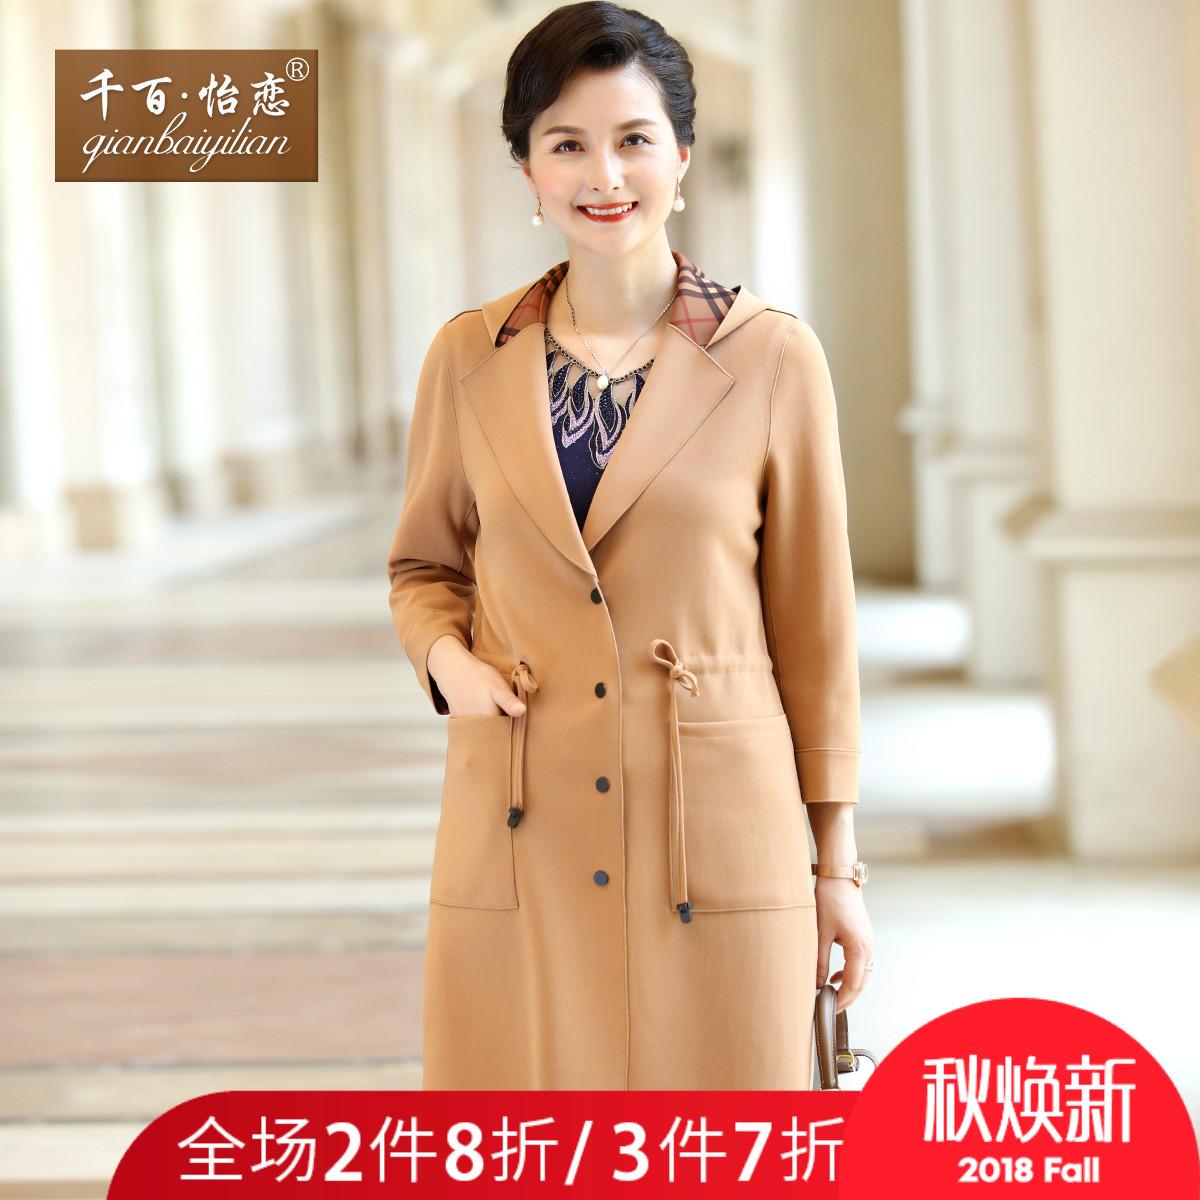 千百怡恋中年女装秋装中长款外套40岁妈妈装时尚大码长袖连帽风衣